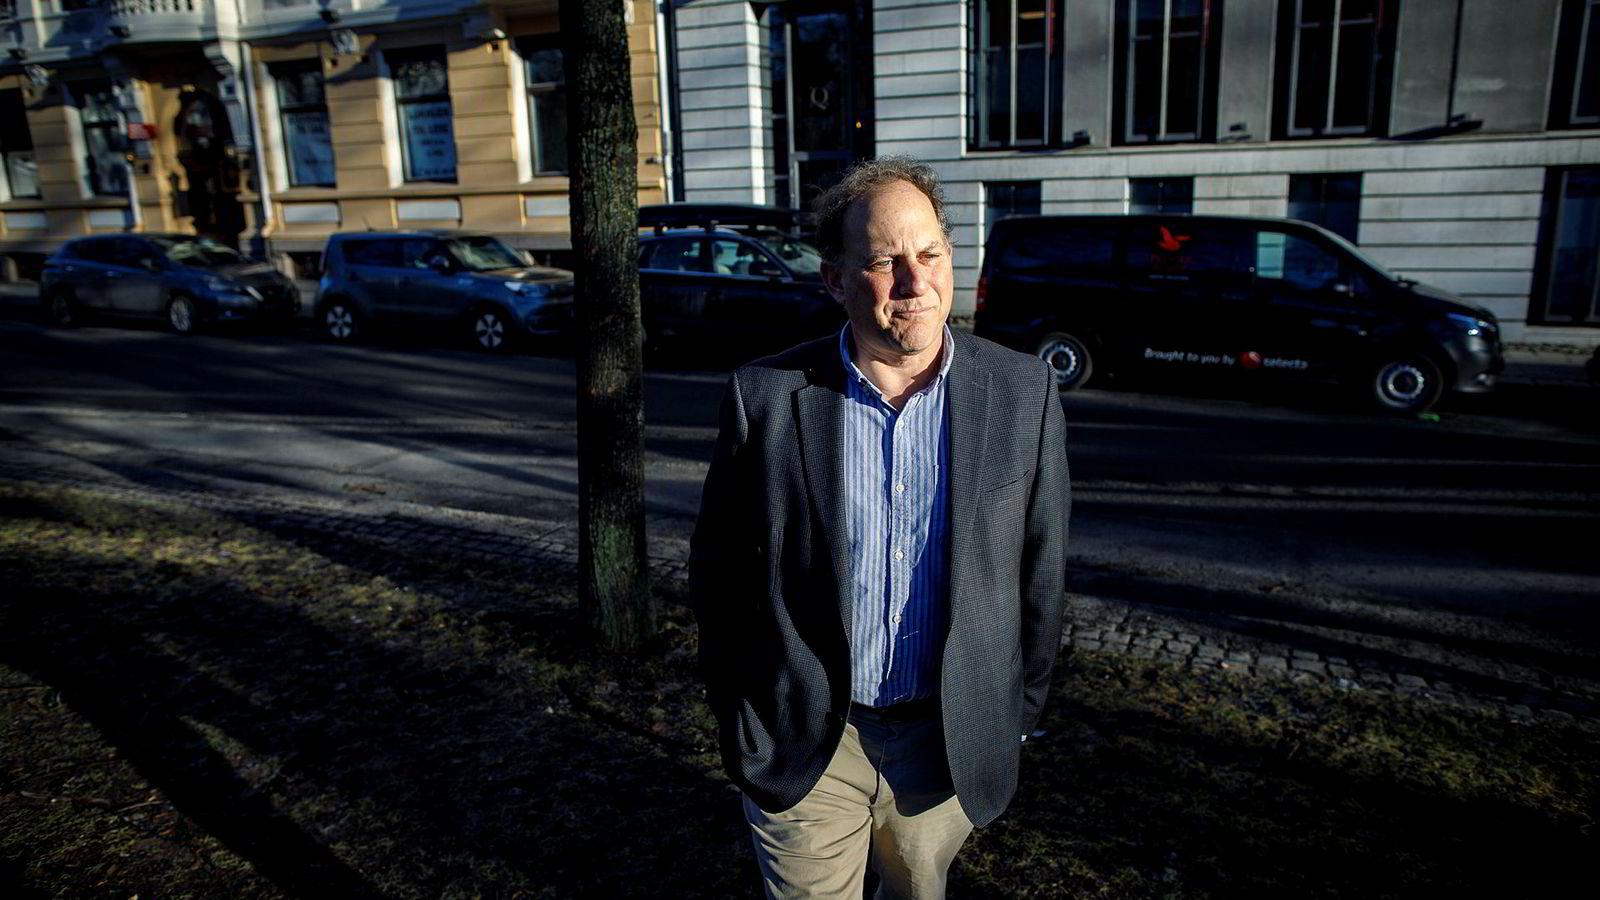 Hvitvaskingsekspert Dan Schneider er tidligere ansatt i justisdepartementet i USA og bor nå i Norge. Han tror DNB-ledelsen må fortelle om de har funnet spor av hvitvasking til Norge, eller ikke.